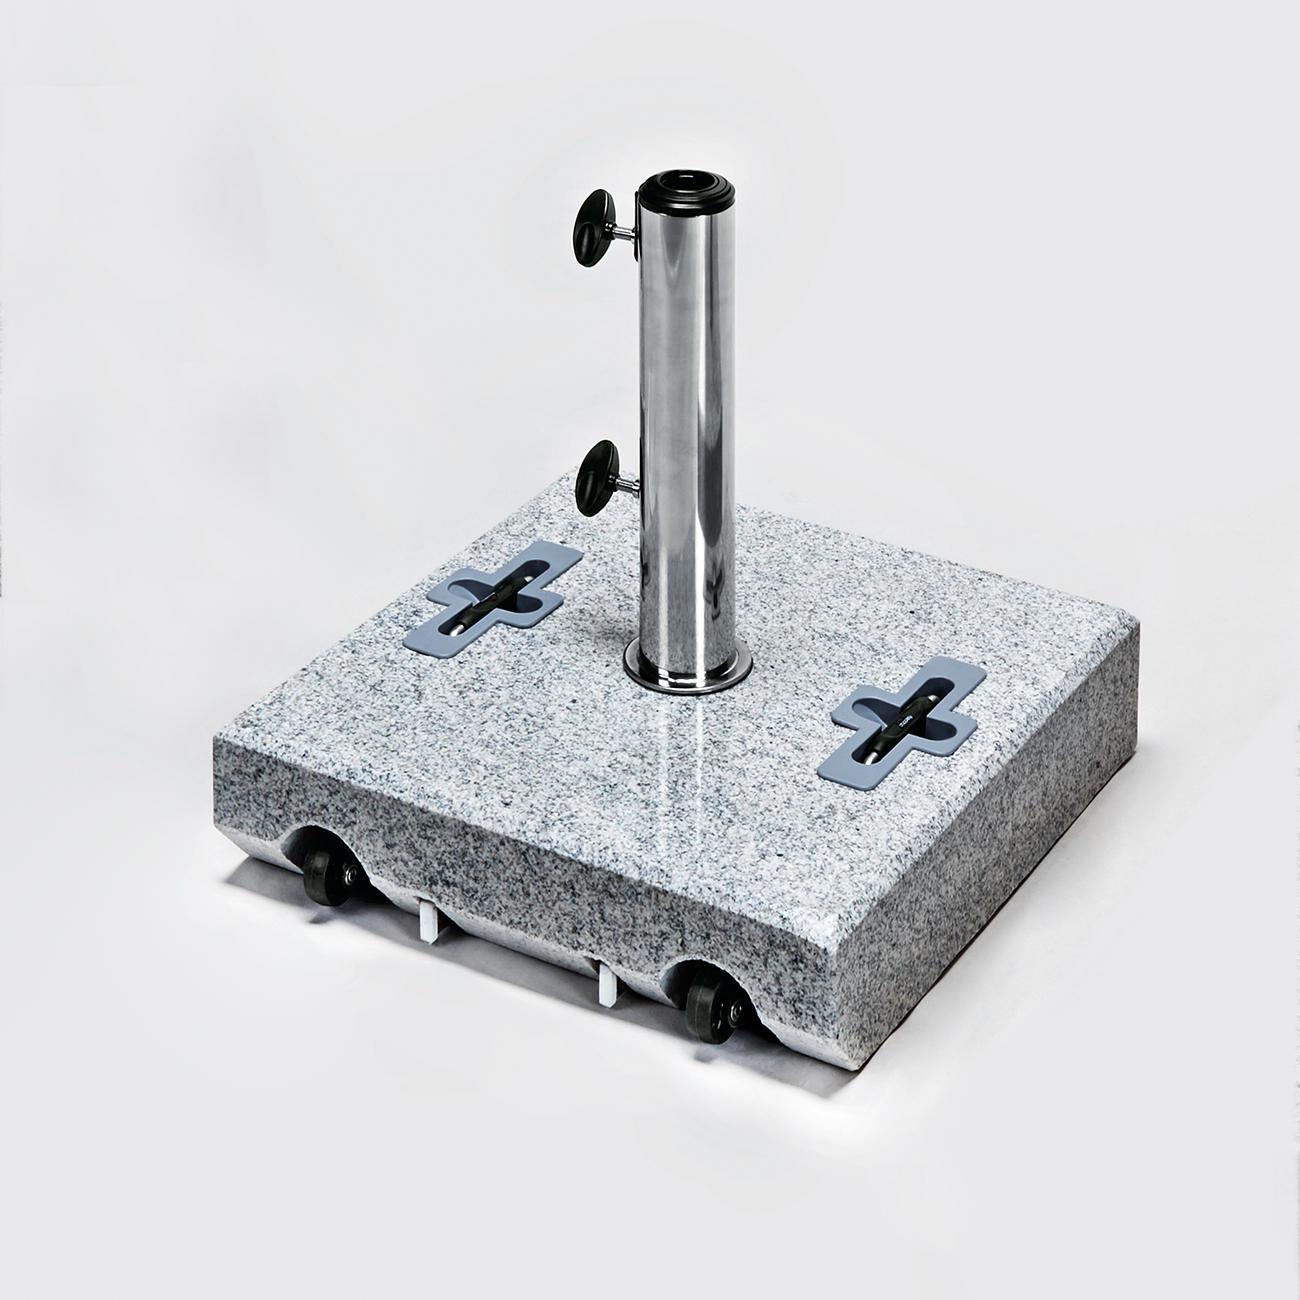 granit schirmst nder 3 jahre garantie pro idee. Black Bedroom Furniture Sets. Home Design Ideas